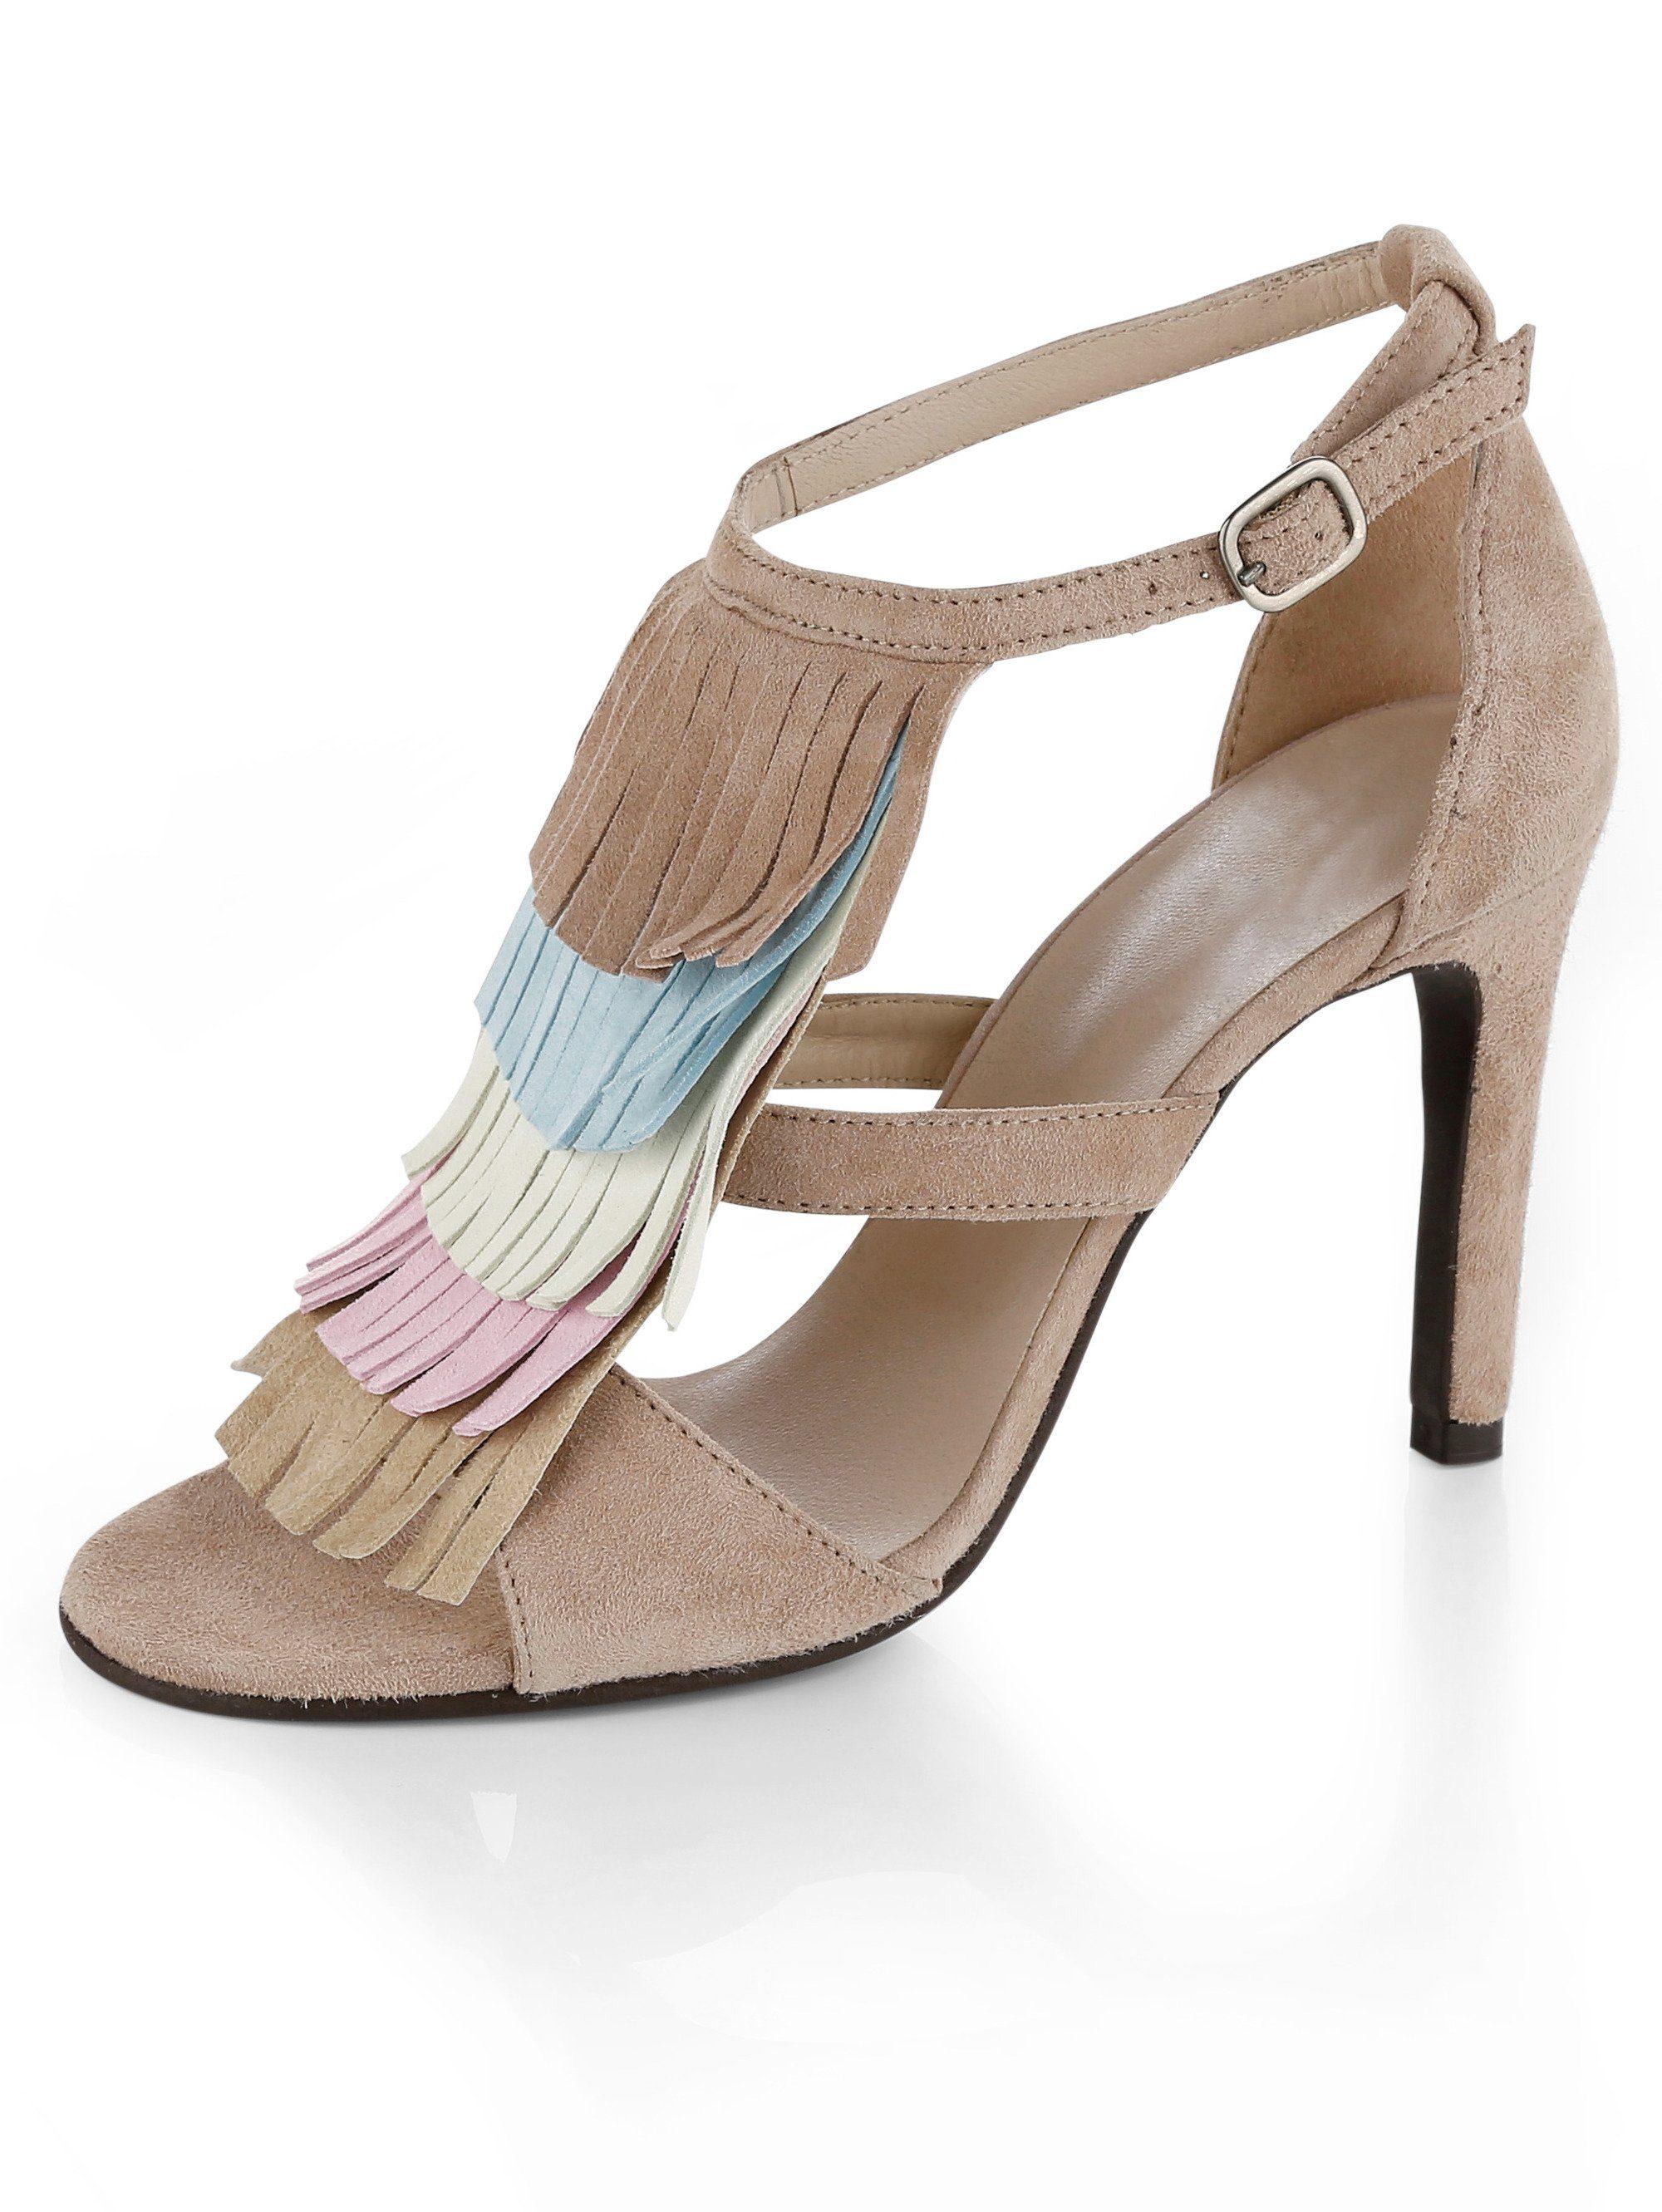 Online KaufenOtto Fransen Moda Mit Alba Sandalette 4c3jqARL5